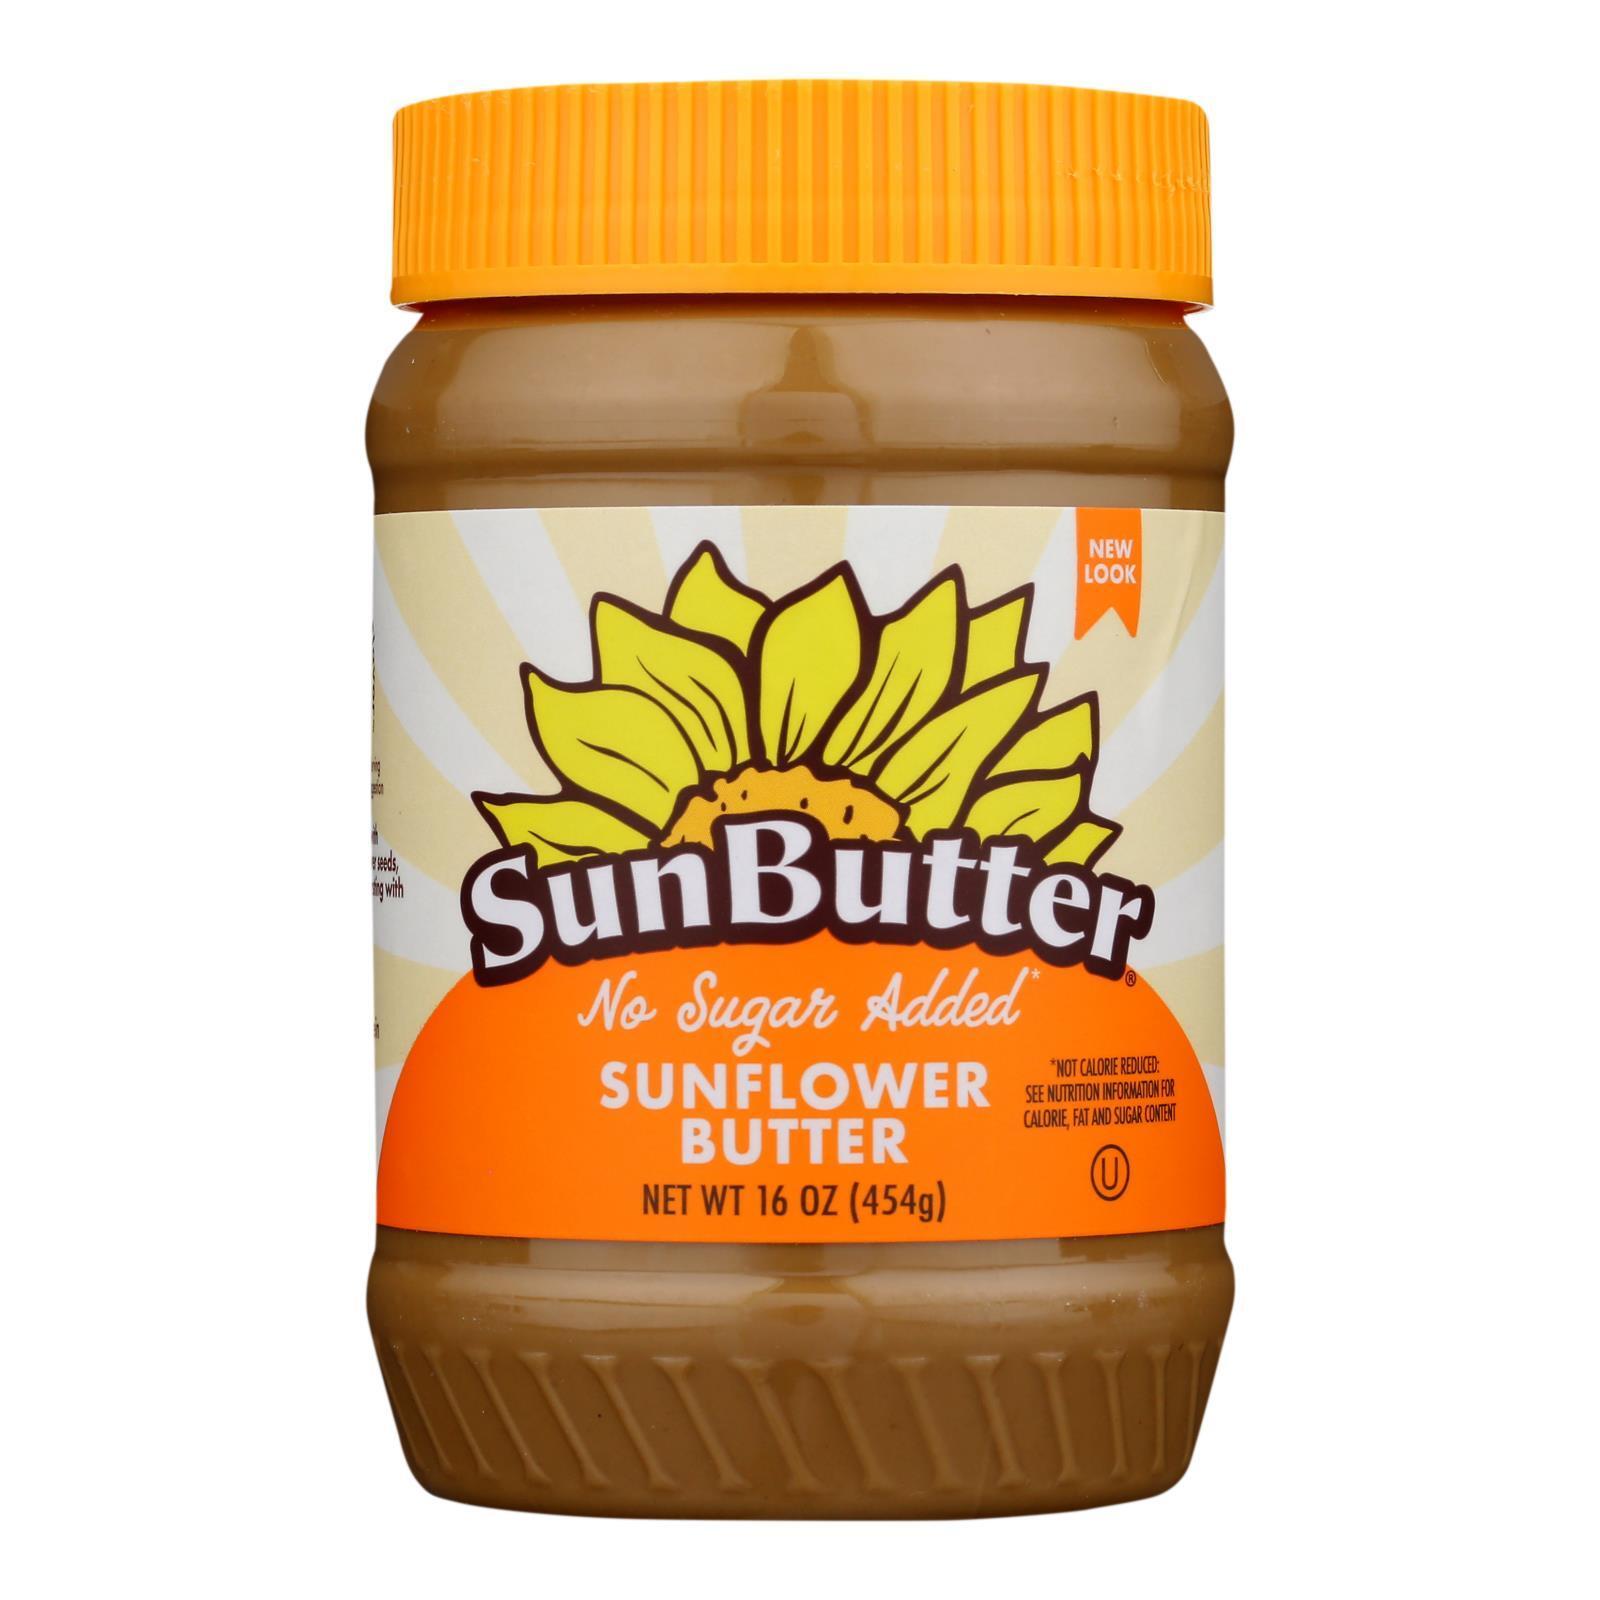 Sunbutter Sunflower Butter - No Sugar Added - Case of 6 - 16 oz.